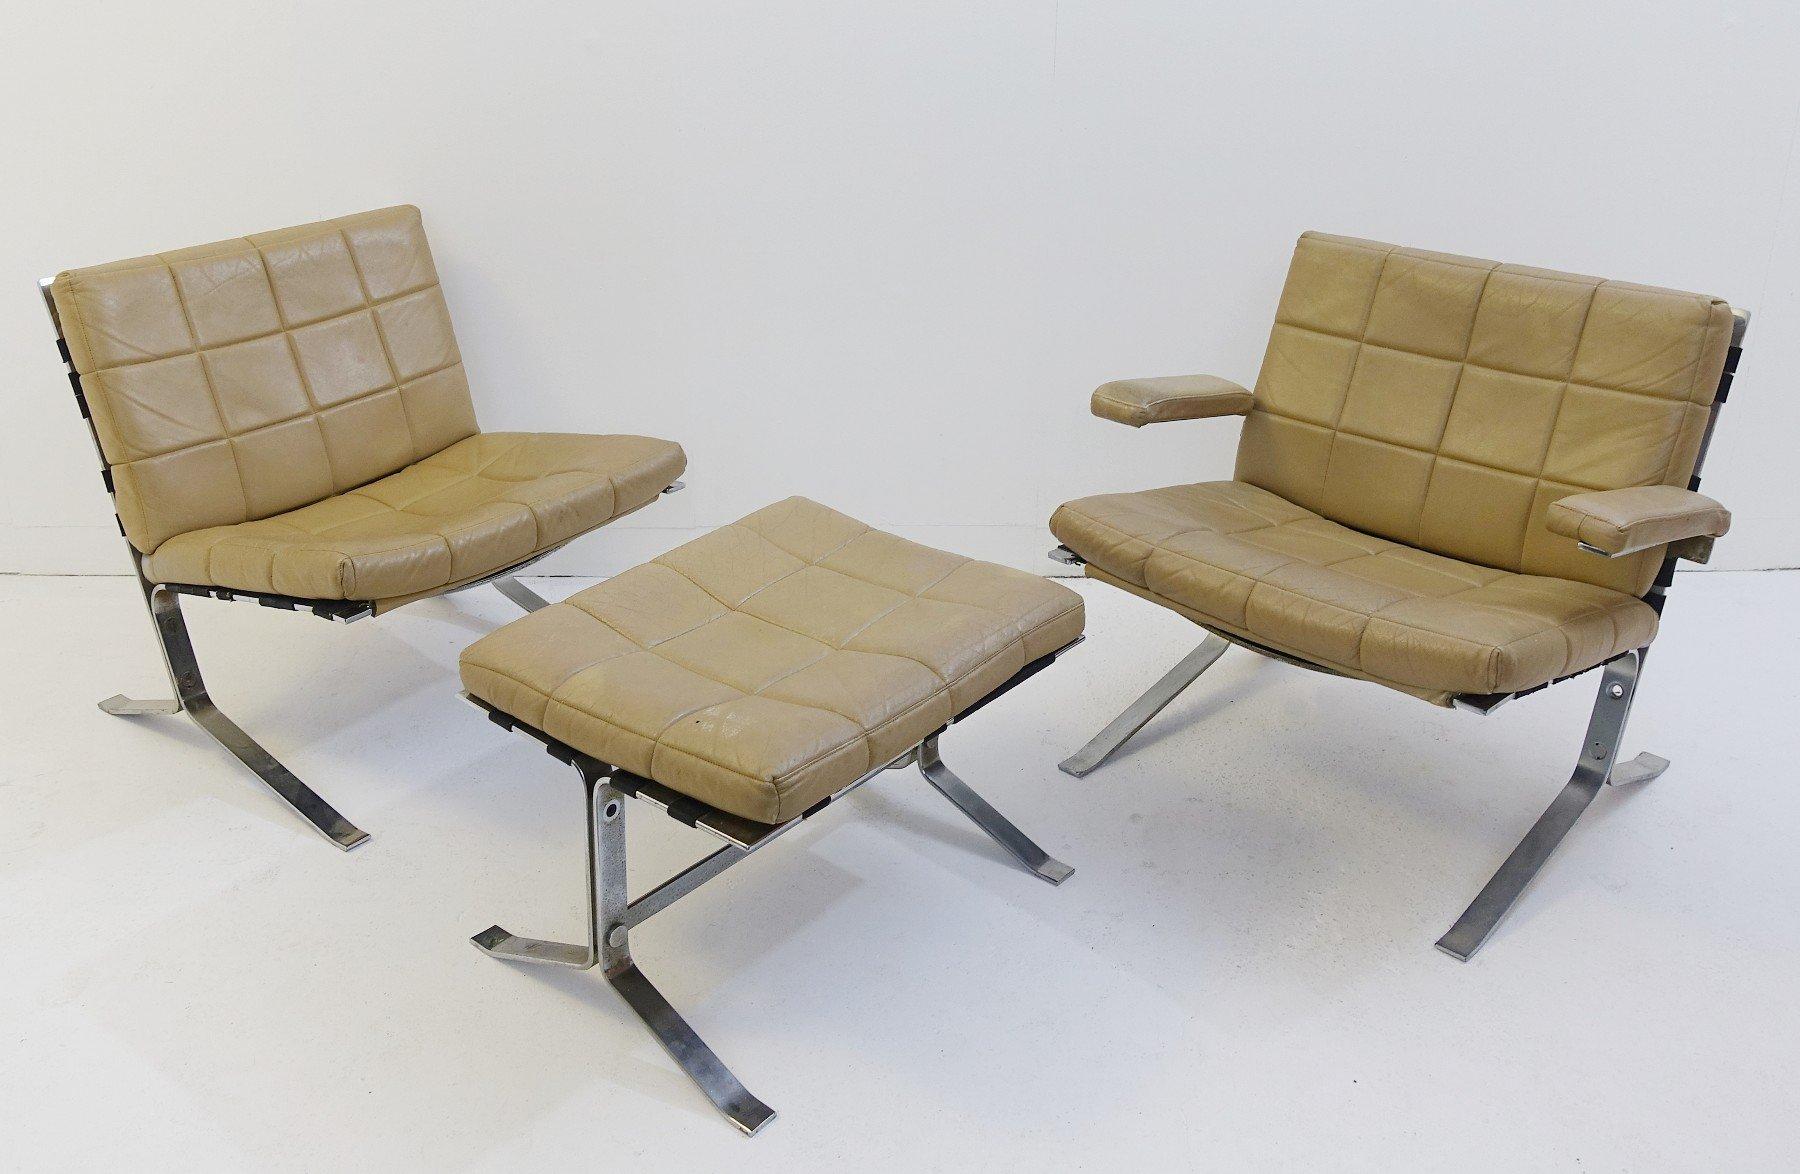 Vintage Sessel und Fußhocker